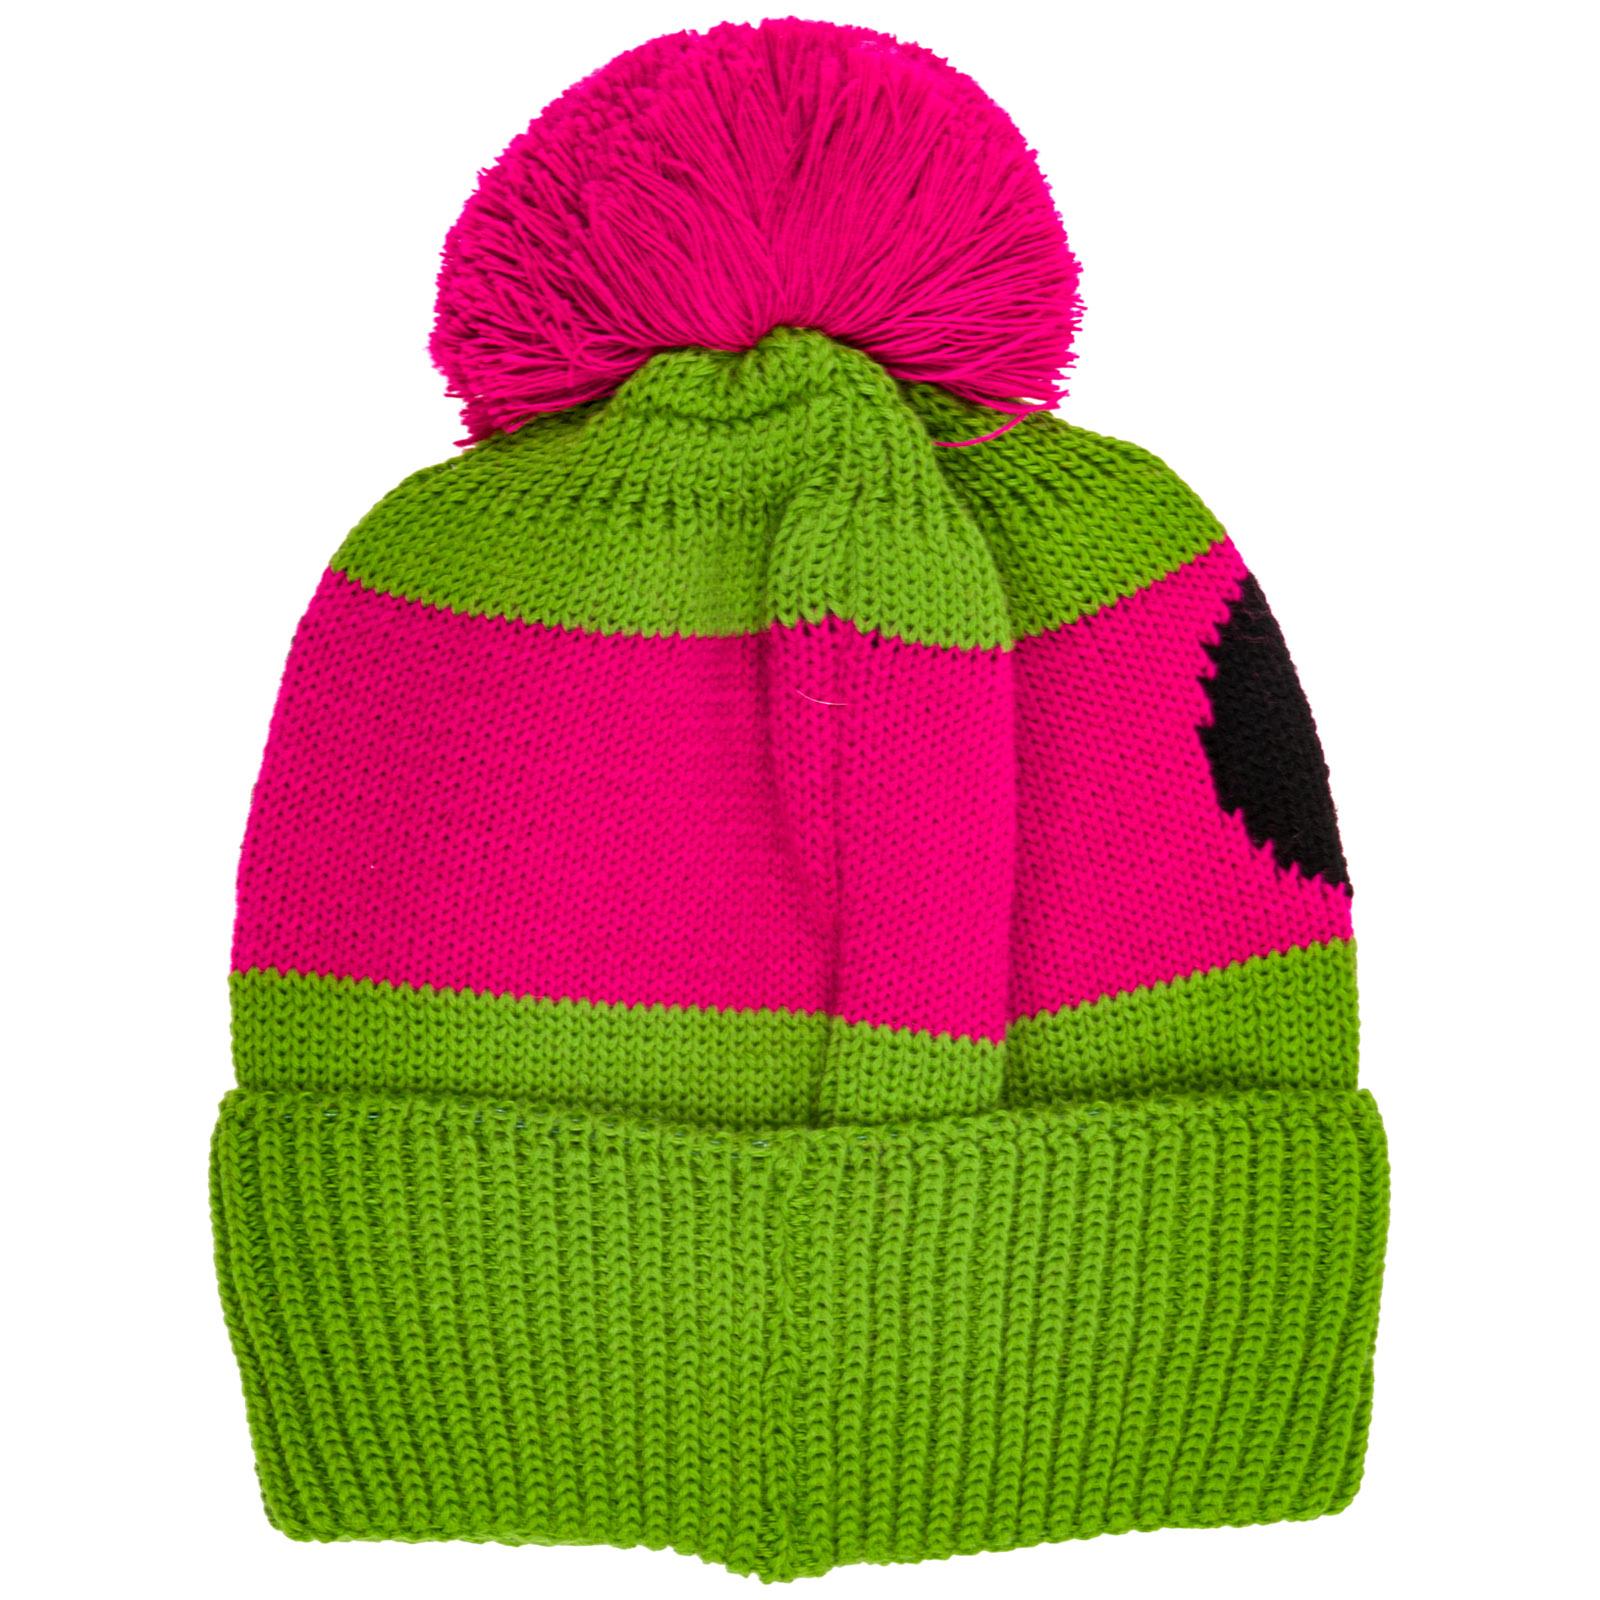 2f84f08ec5 Cuffia berretto uomo in lana